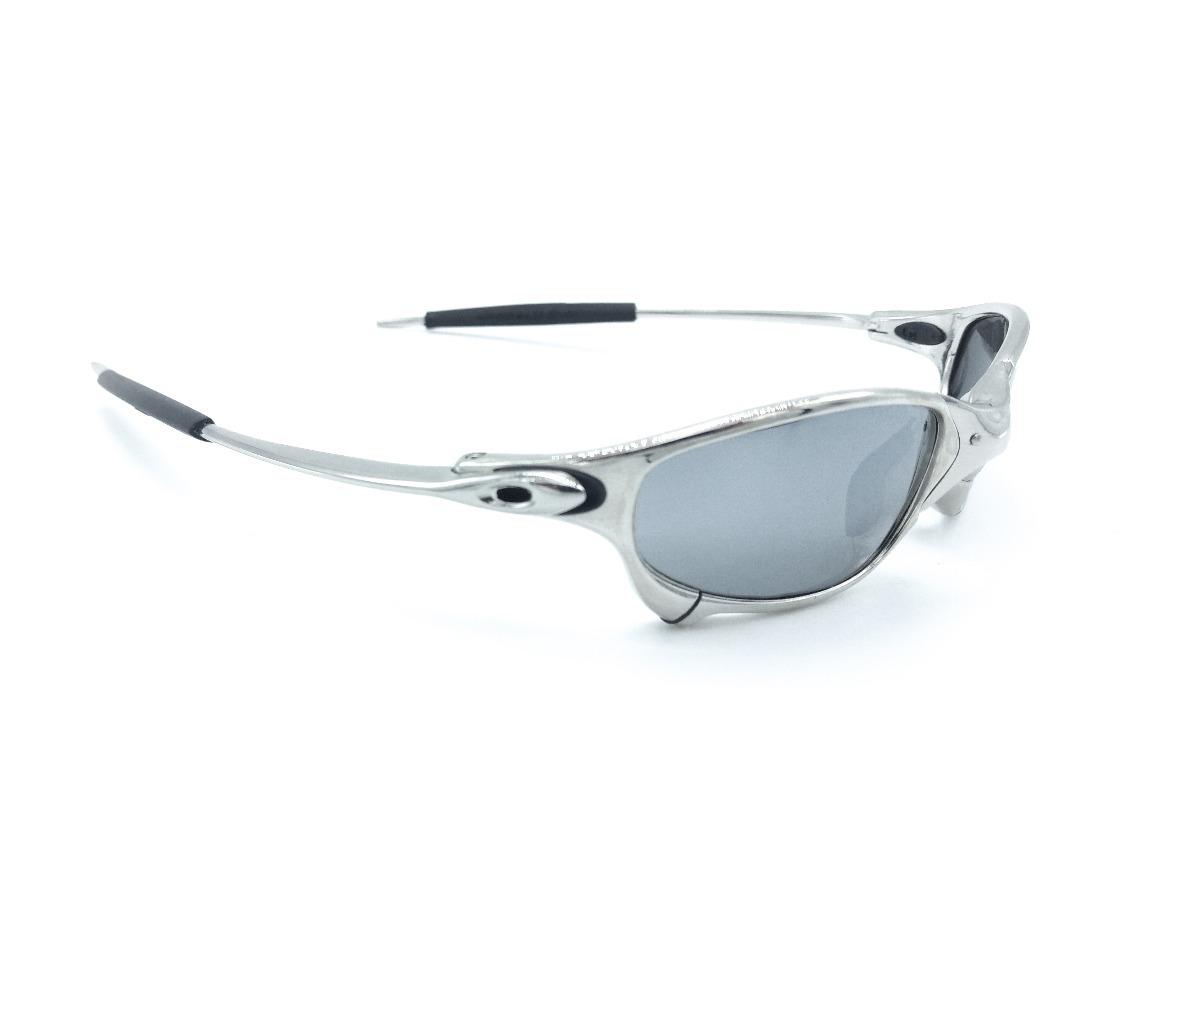 ae0c8c3dea363 Carregando zoom... óculos oakley juliet 24k penny double x romeo squared!